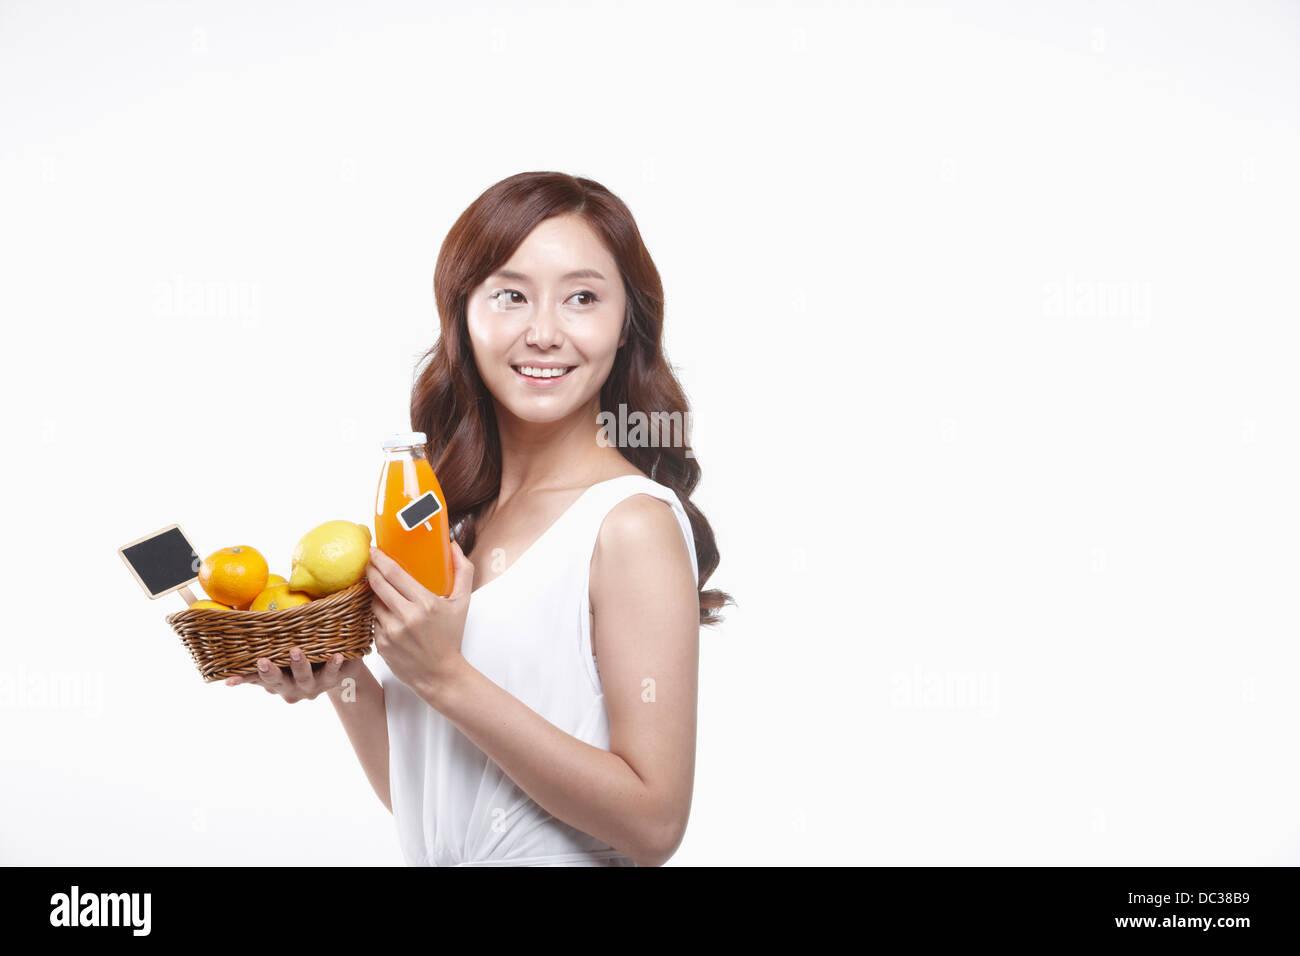 Una señora en vestido blanco sosteniendo una cesta de frutas y una botella de jugo Imagen De Stock